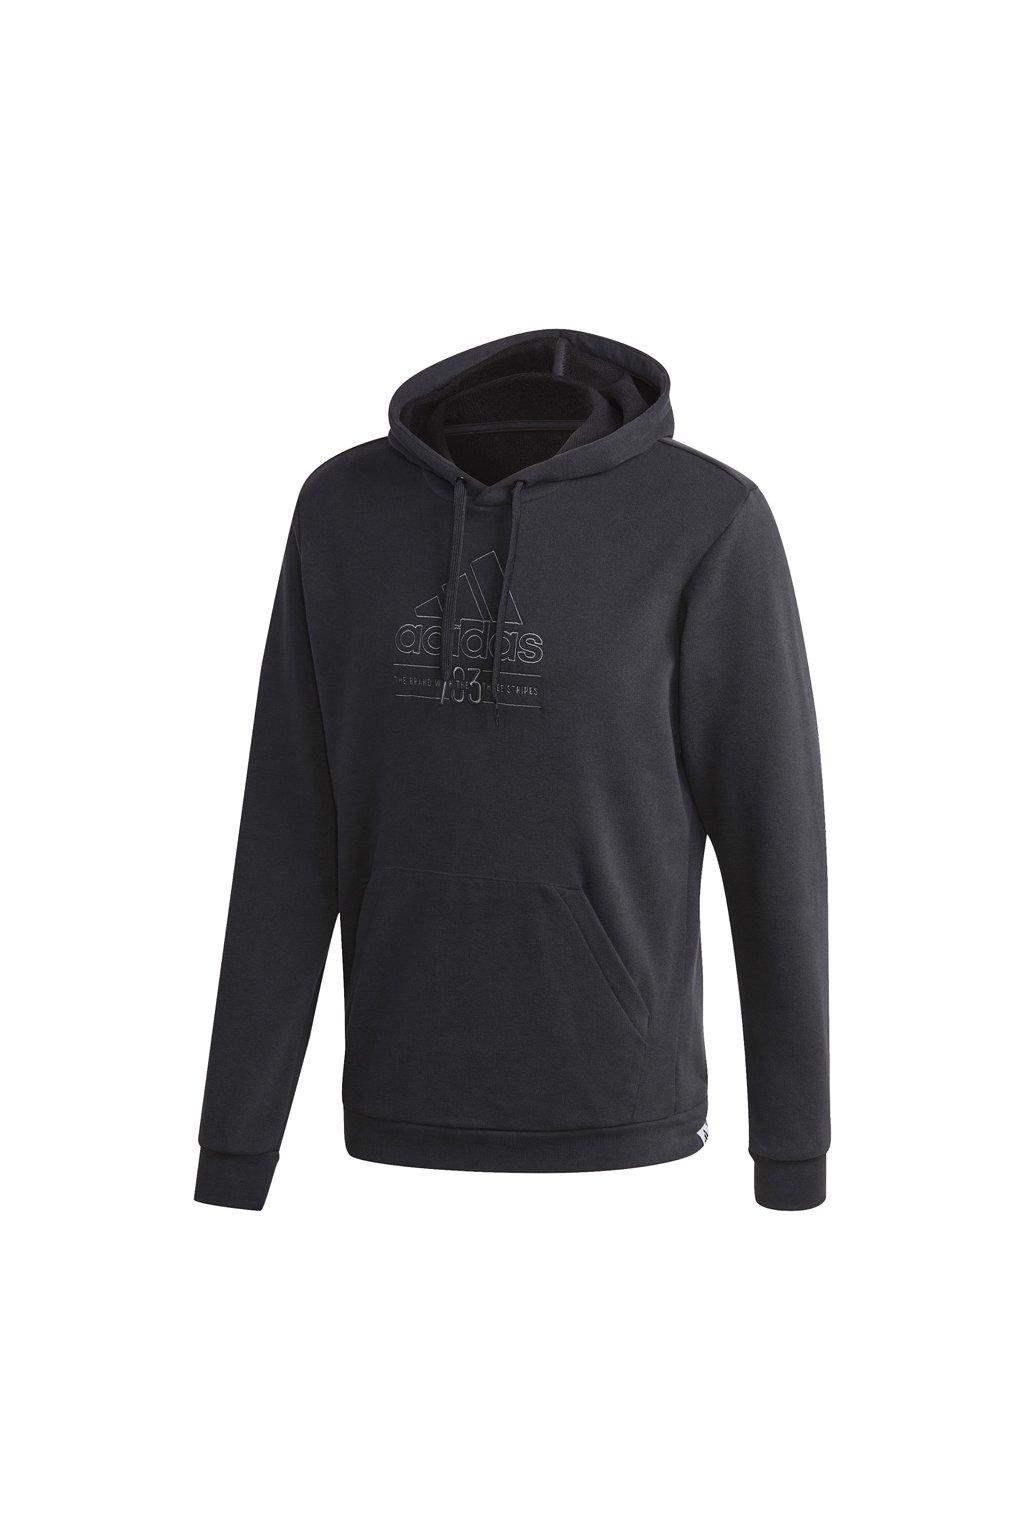 Pánska mikina Adidas Brilliant Basics Hooded čierna GD3831